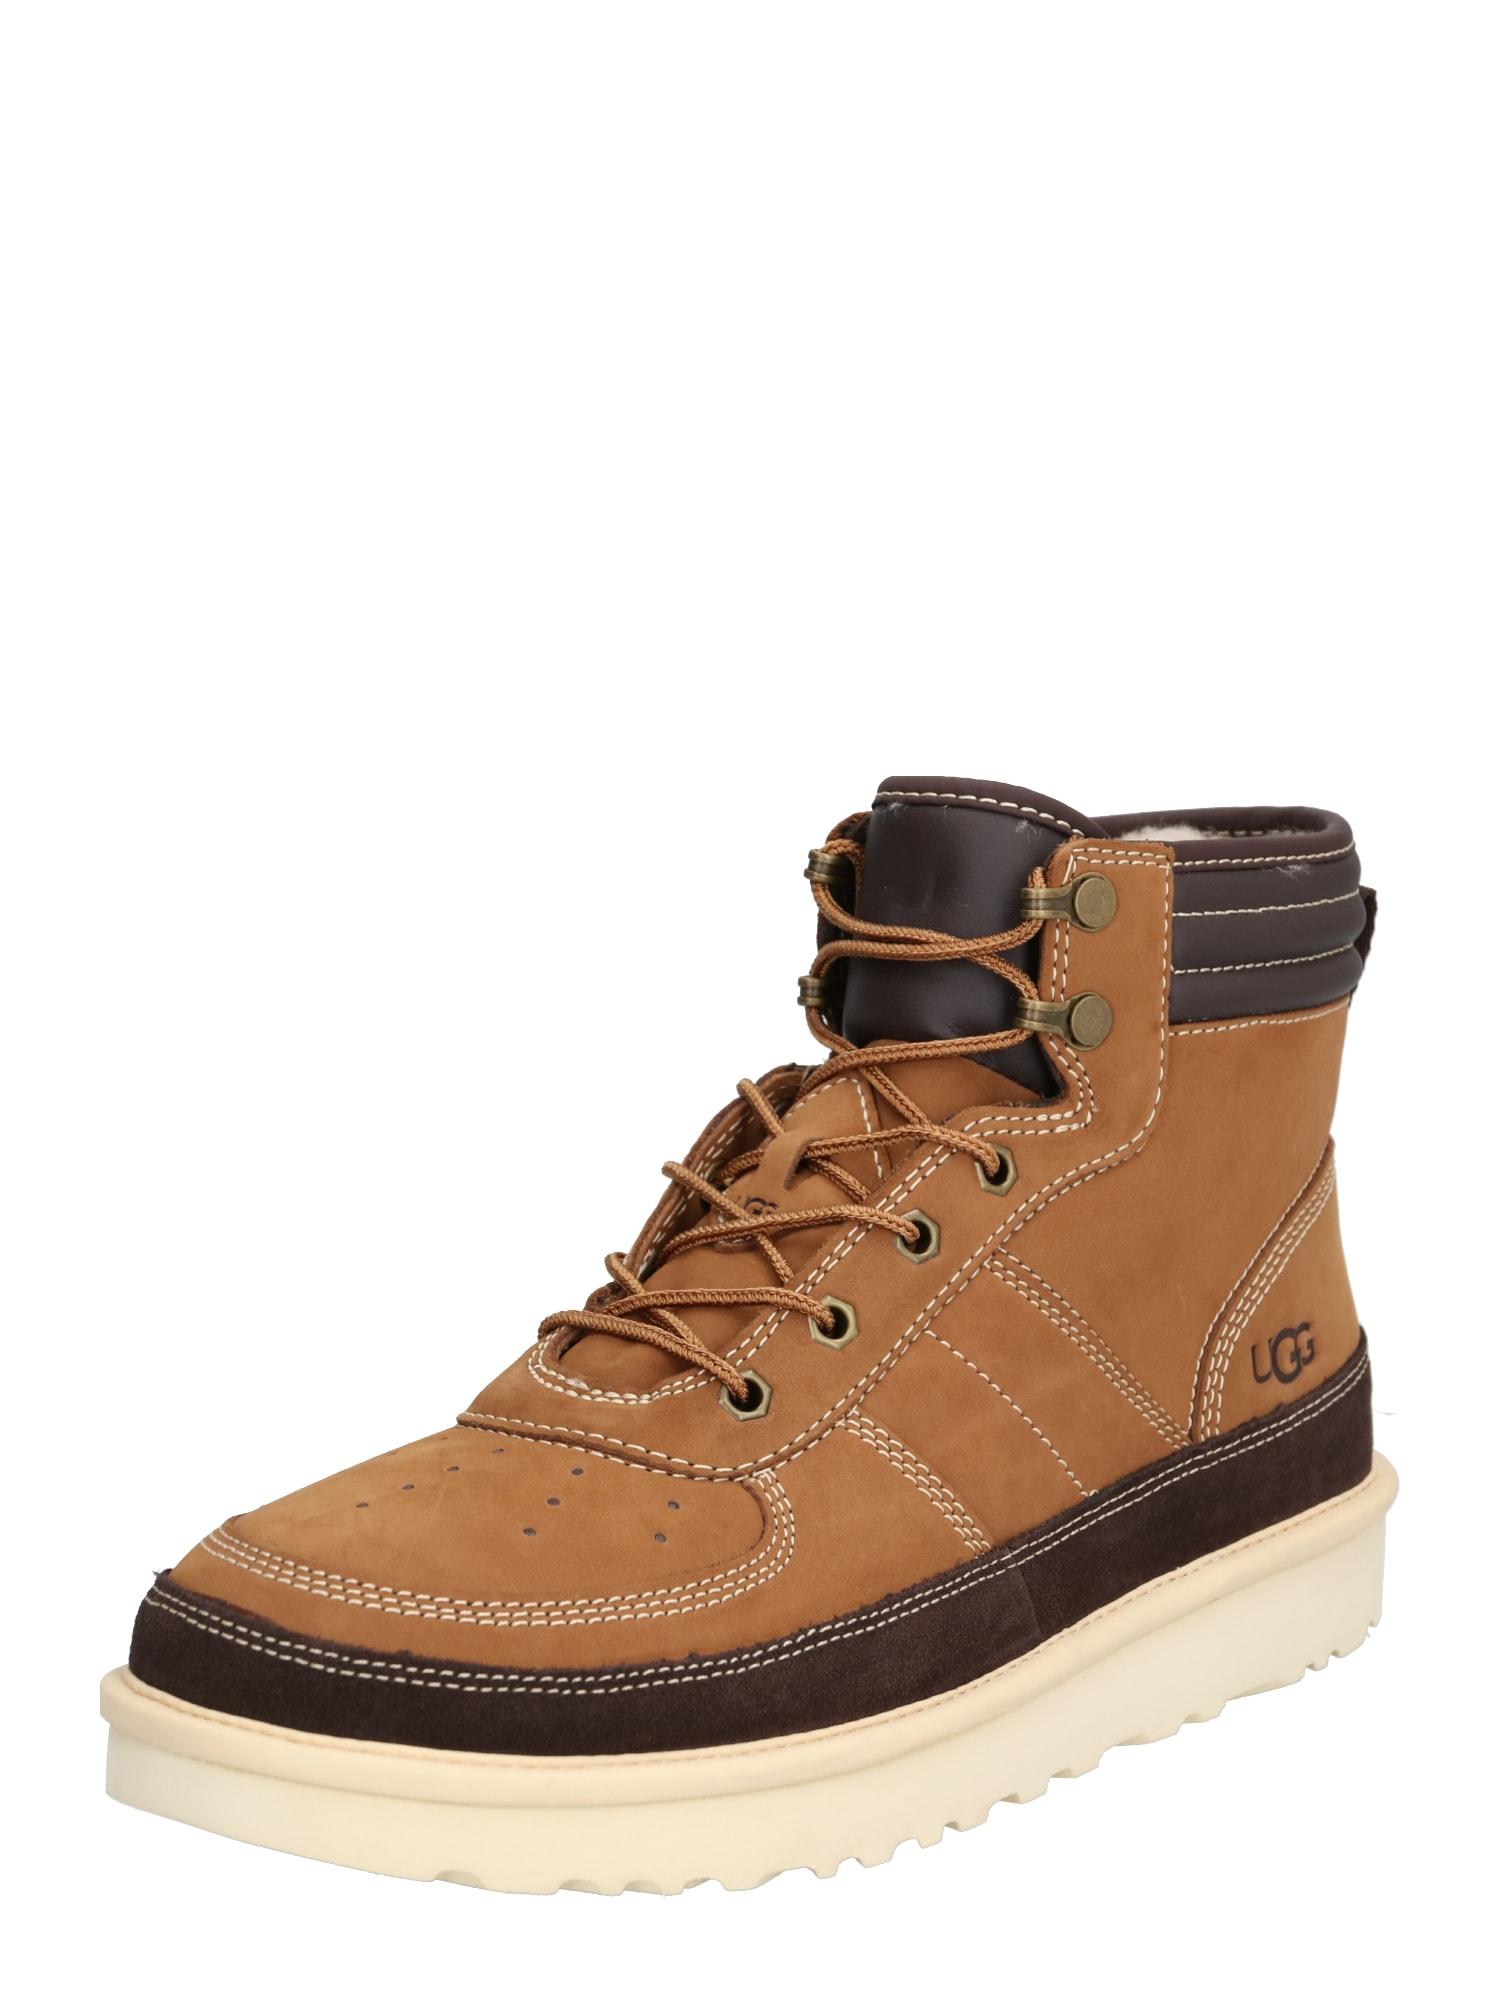 Schnürboots 'HIGHLAND SPORT' | Schuhe > Boots > Schnürboots | Ugg